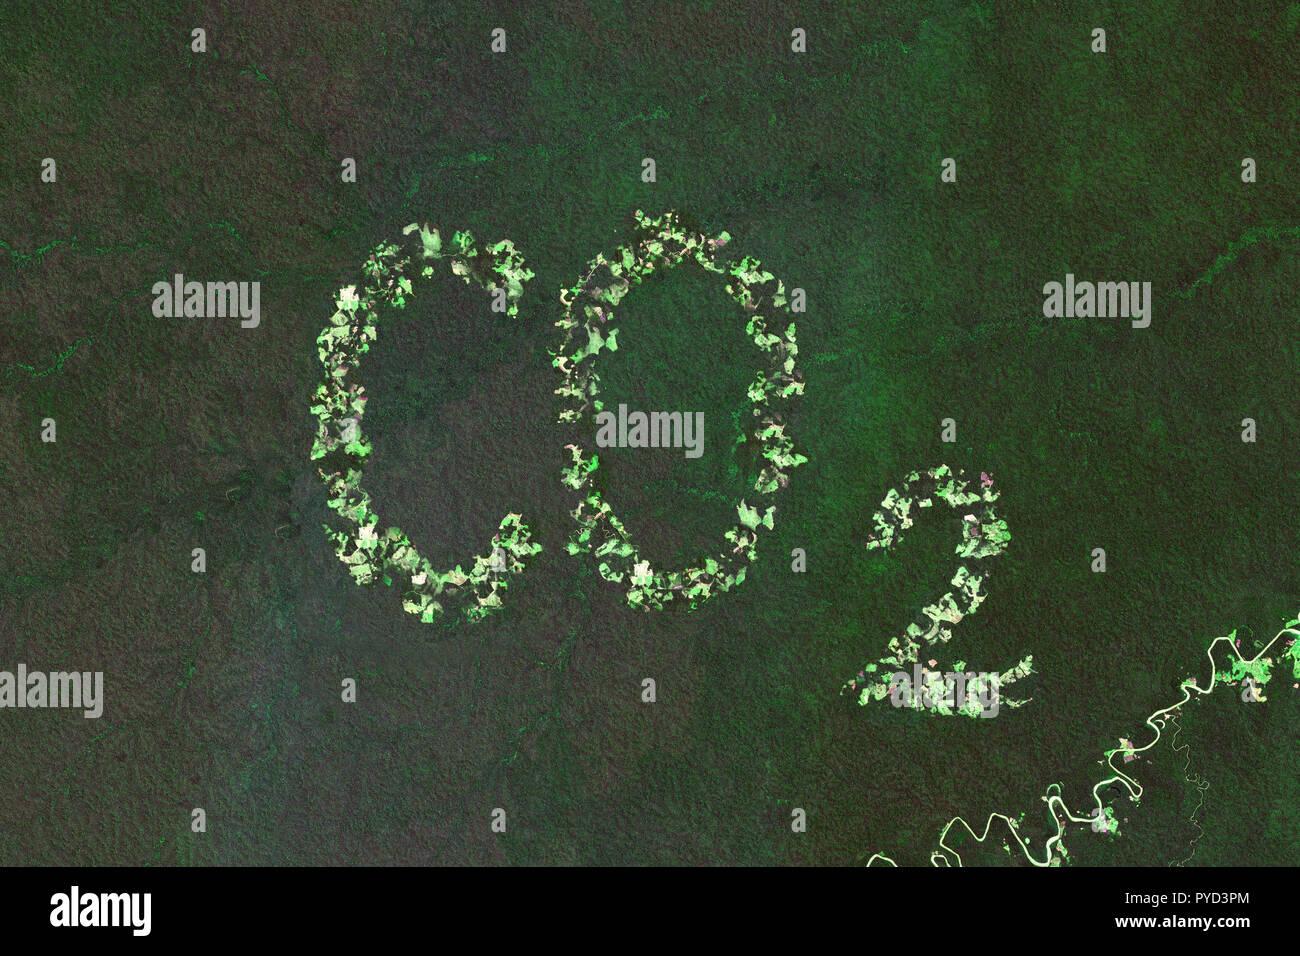 Aumento del biossido di carbonio a causa della deforestazione nella foresta pluviale - concetto basato sulle immagini satellitari - contiene Copernico modificati dati Sentinel Immagini Stock